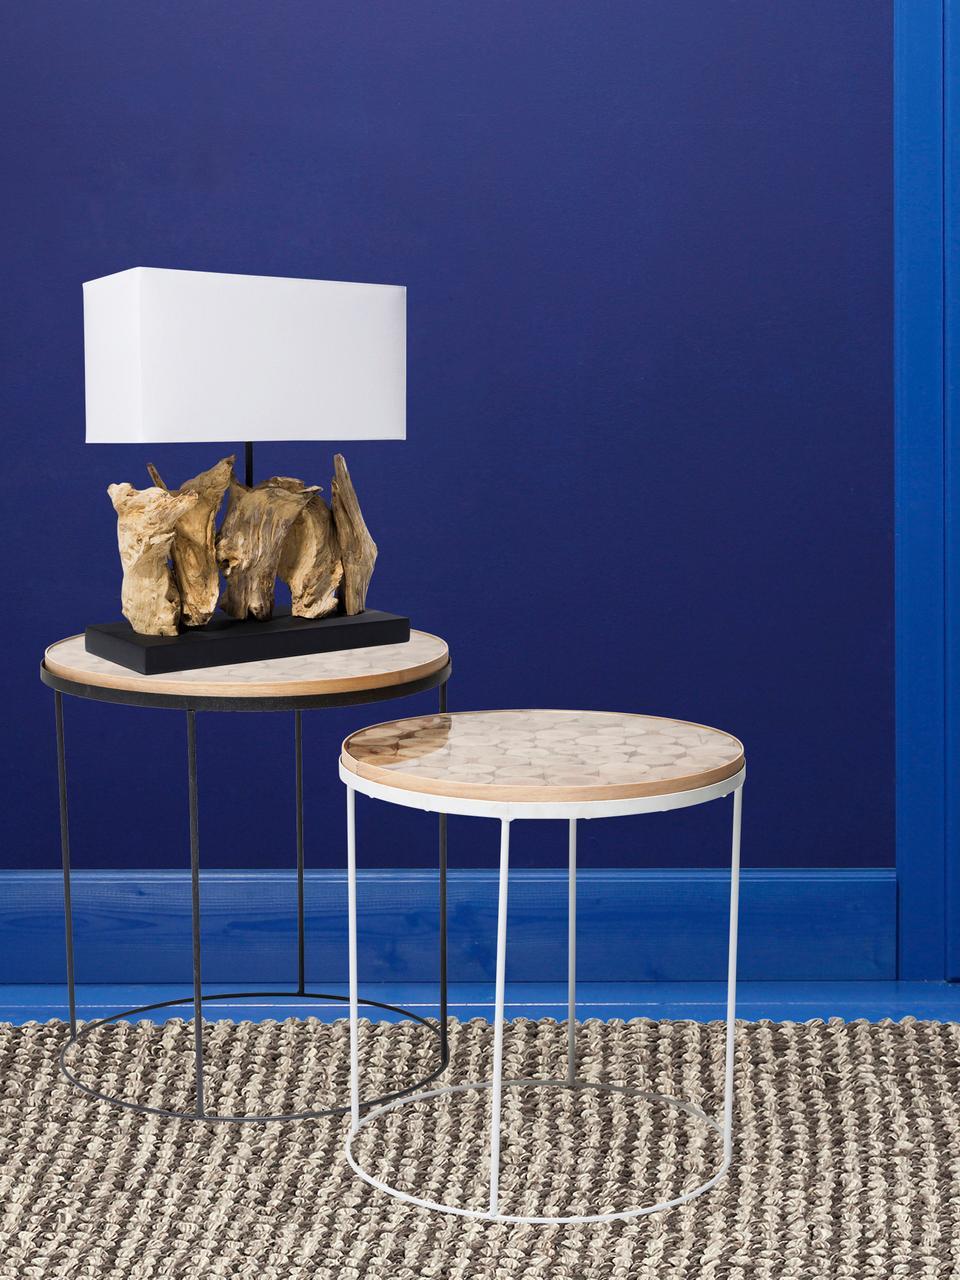 Design Tischlampe Nature aus Treibholz, Lampenschirm: Baumwolle, Lampenfuß: Treibholz, Sockel: Spanplatte, gebeizt und l, Weiß, Braun, 35 x 43 cm